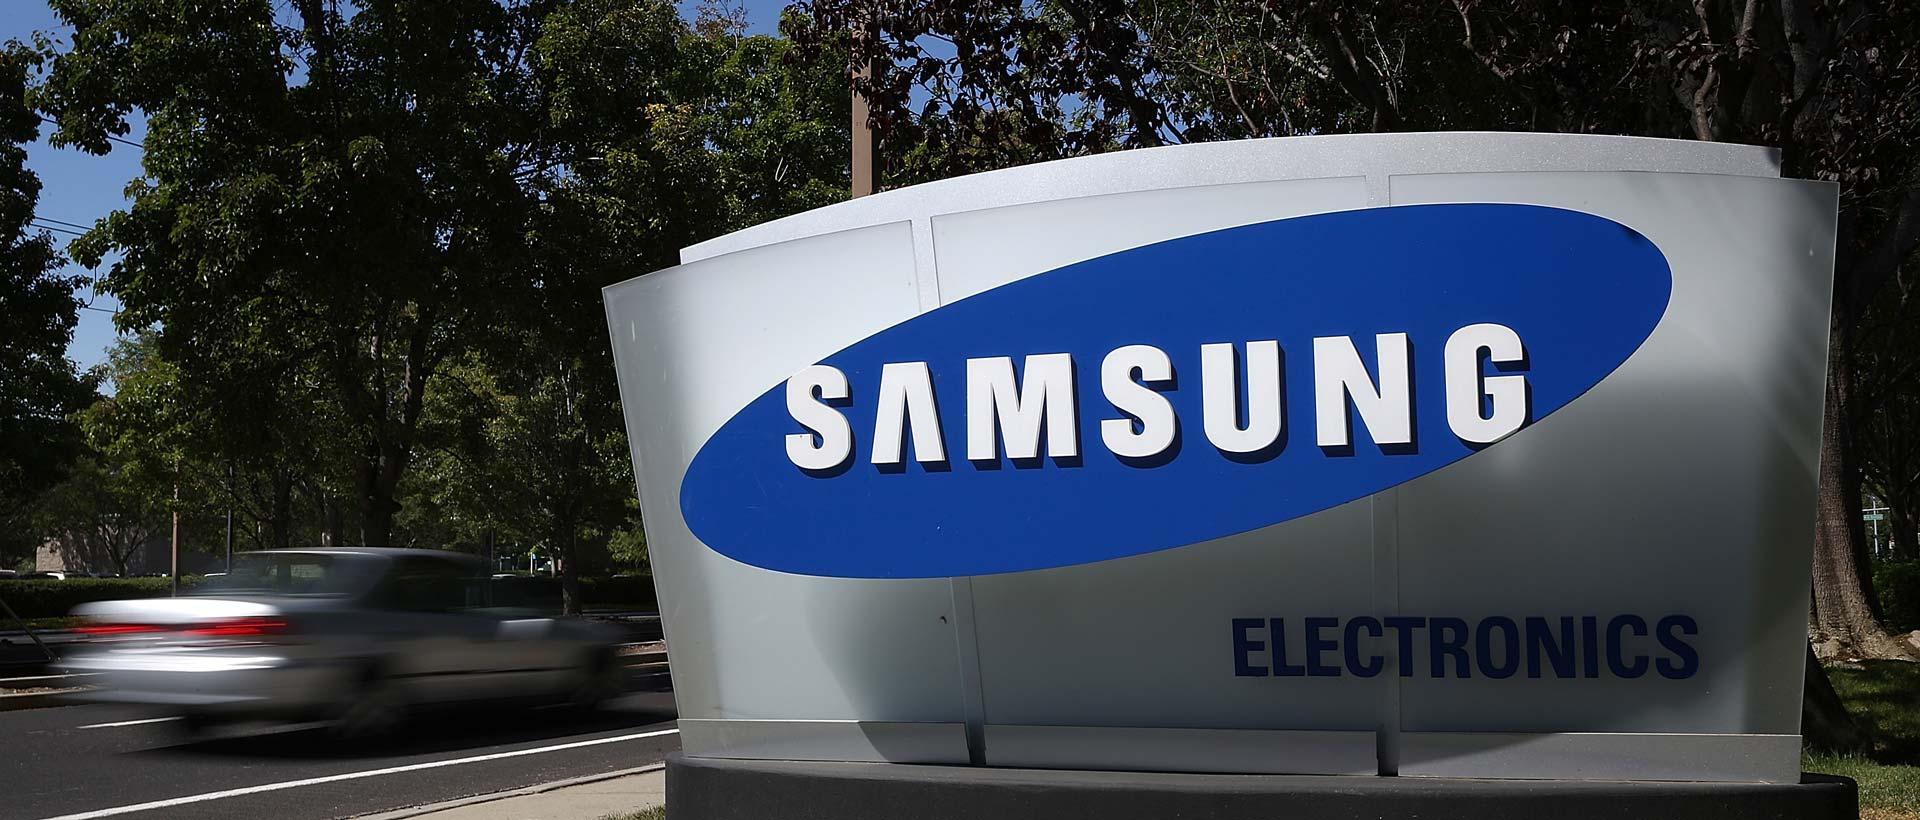 Samsungovi najnoviji monitori bežično pune vaš telefon